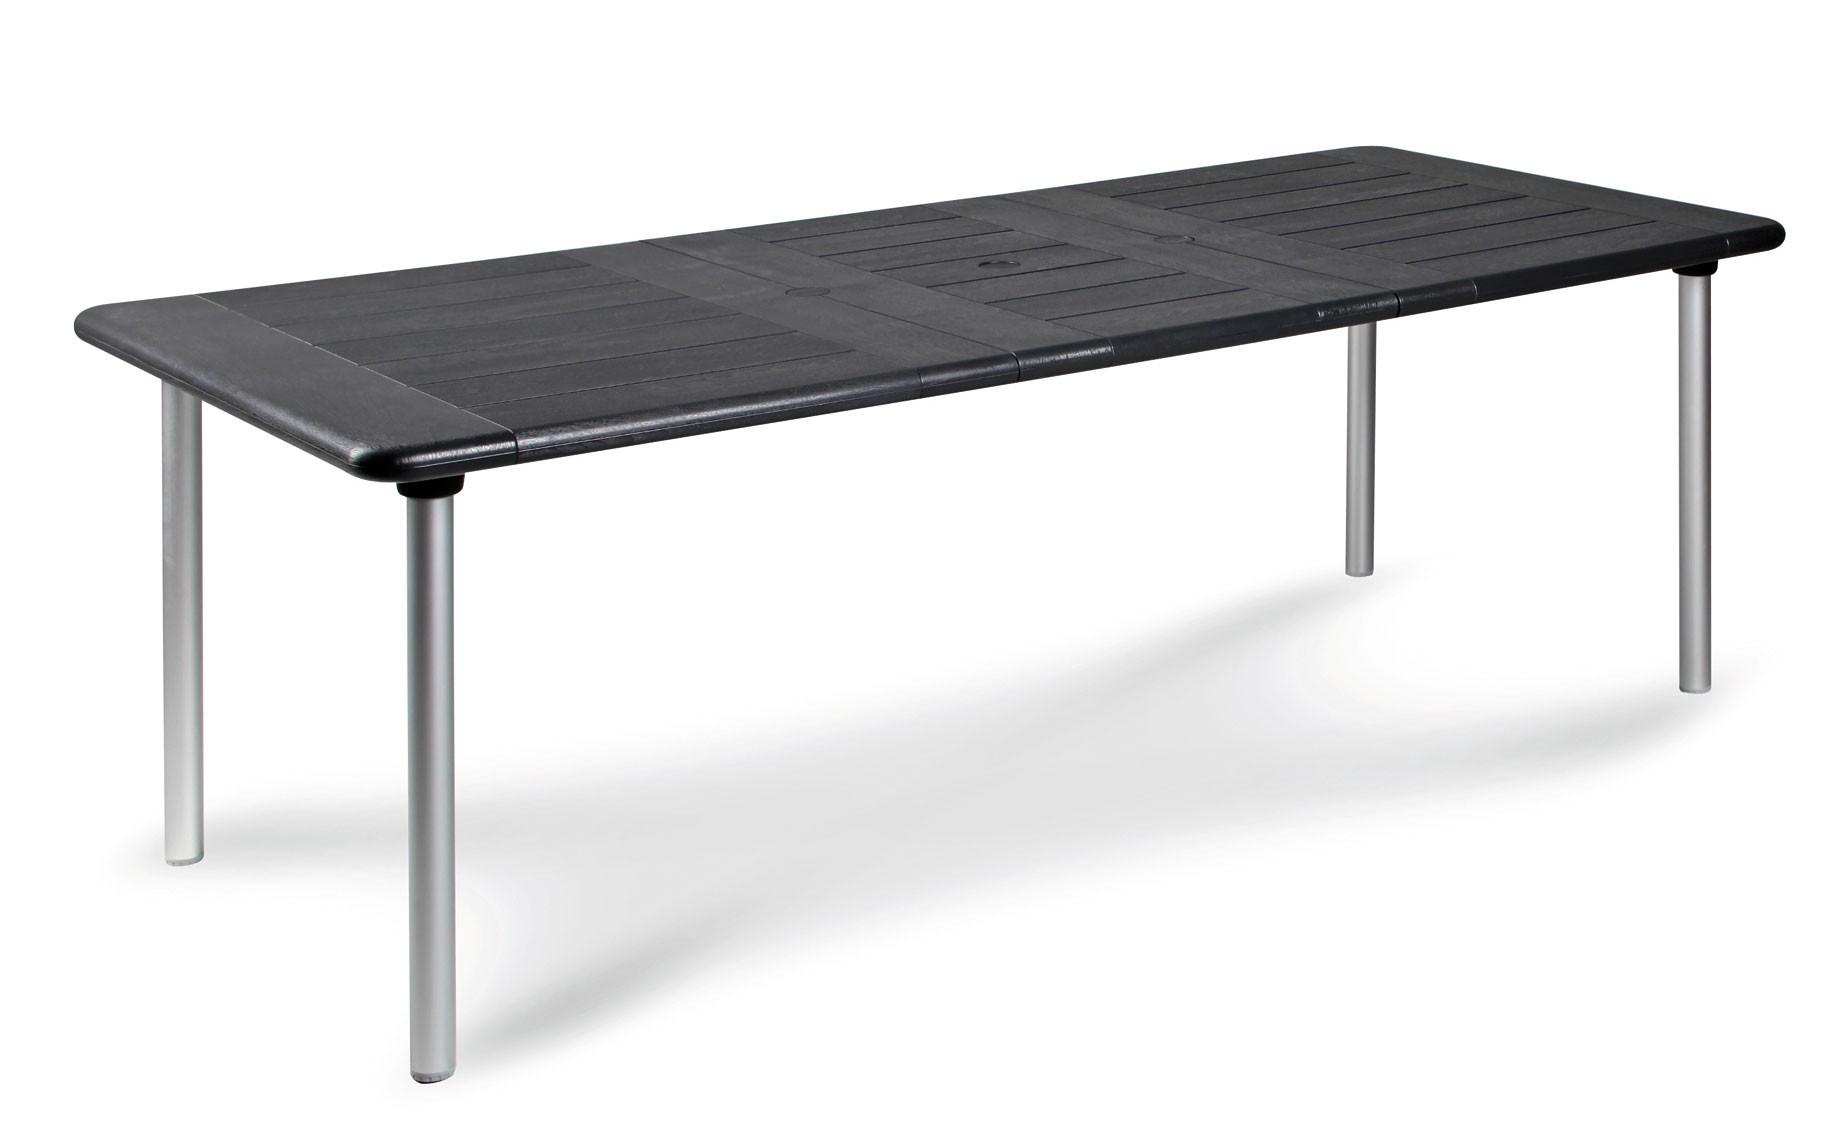 gartentisch tavolo ausziehbar 160 220x100 cm alu silber anthrazit bei. Black Bedroom Furniture Sets. Home Design Ideas